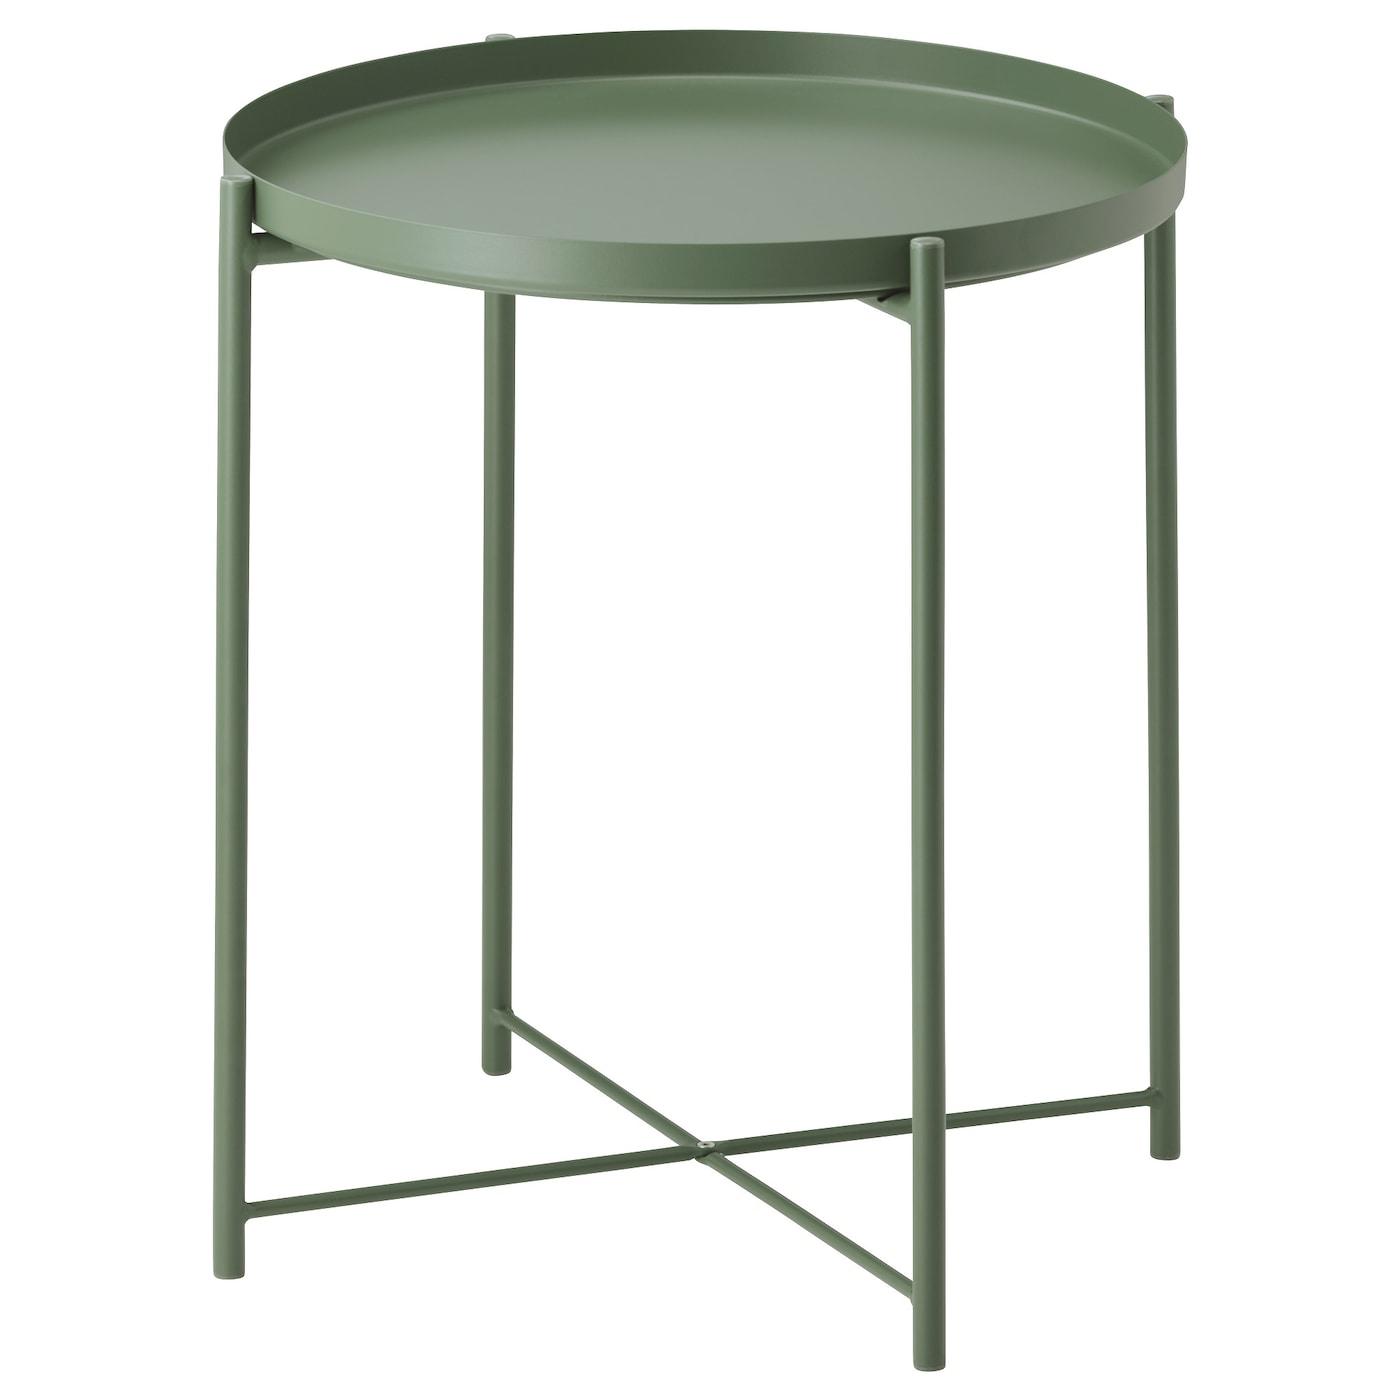 Gladom Table/plateau - Vert Foncé 45X53 Cm intérieur Mobilier De Jardin Ikea